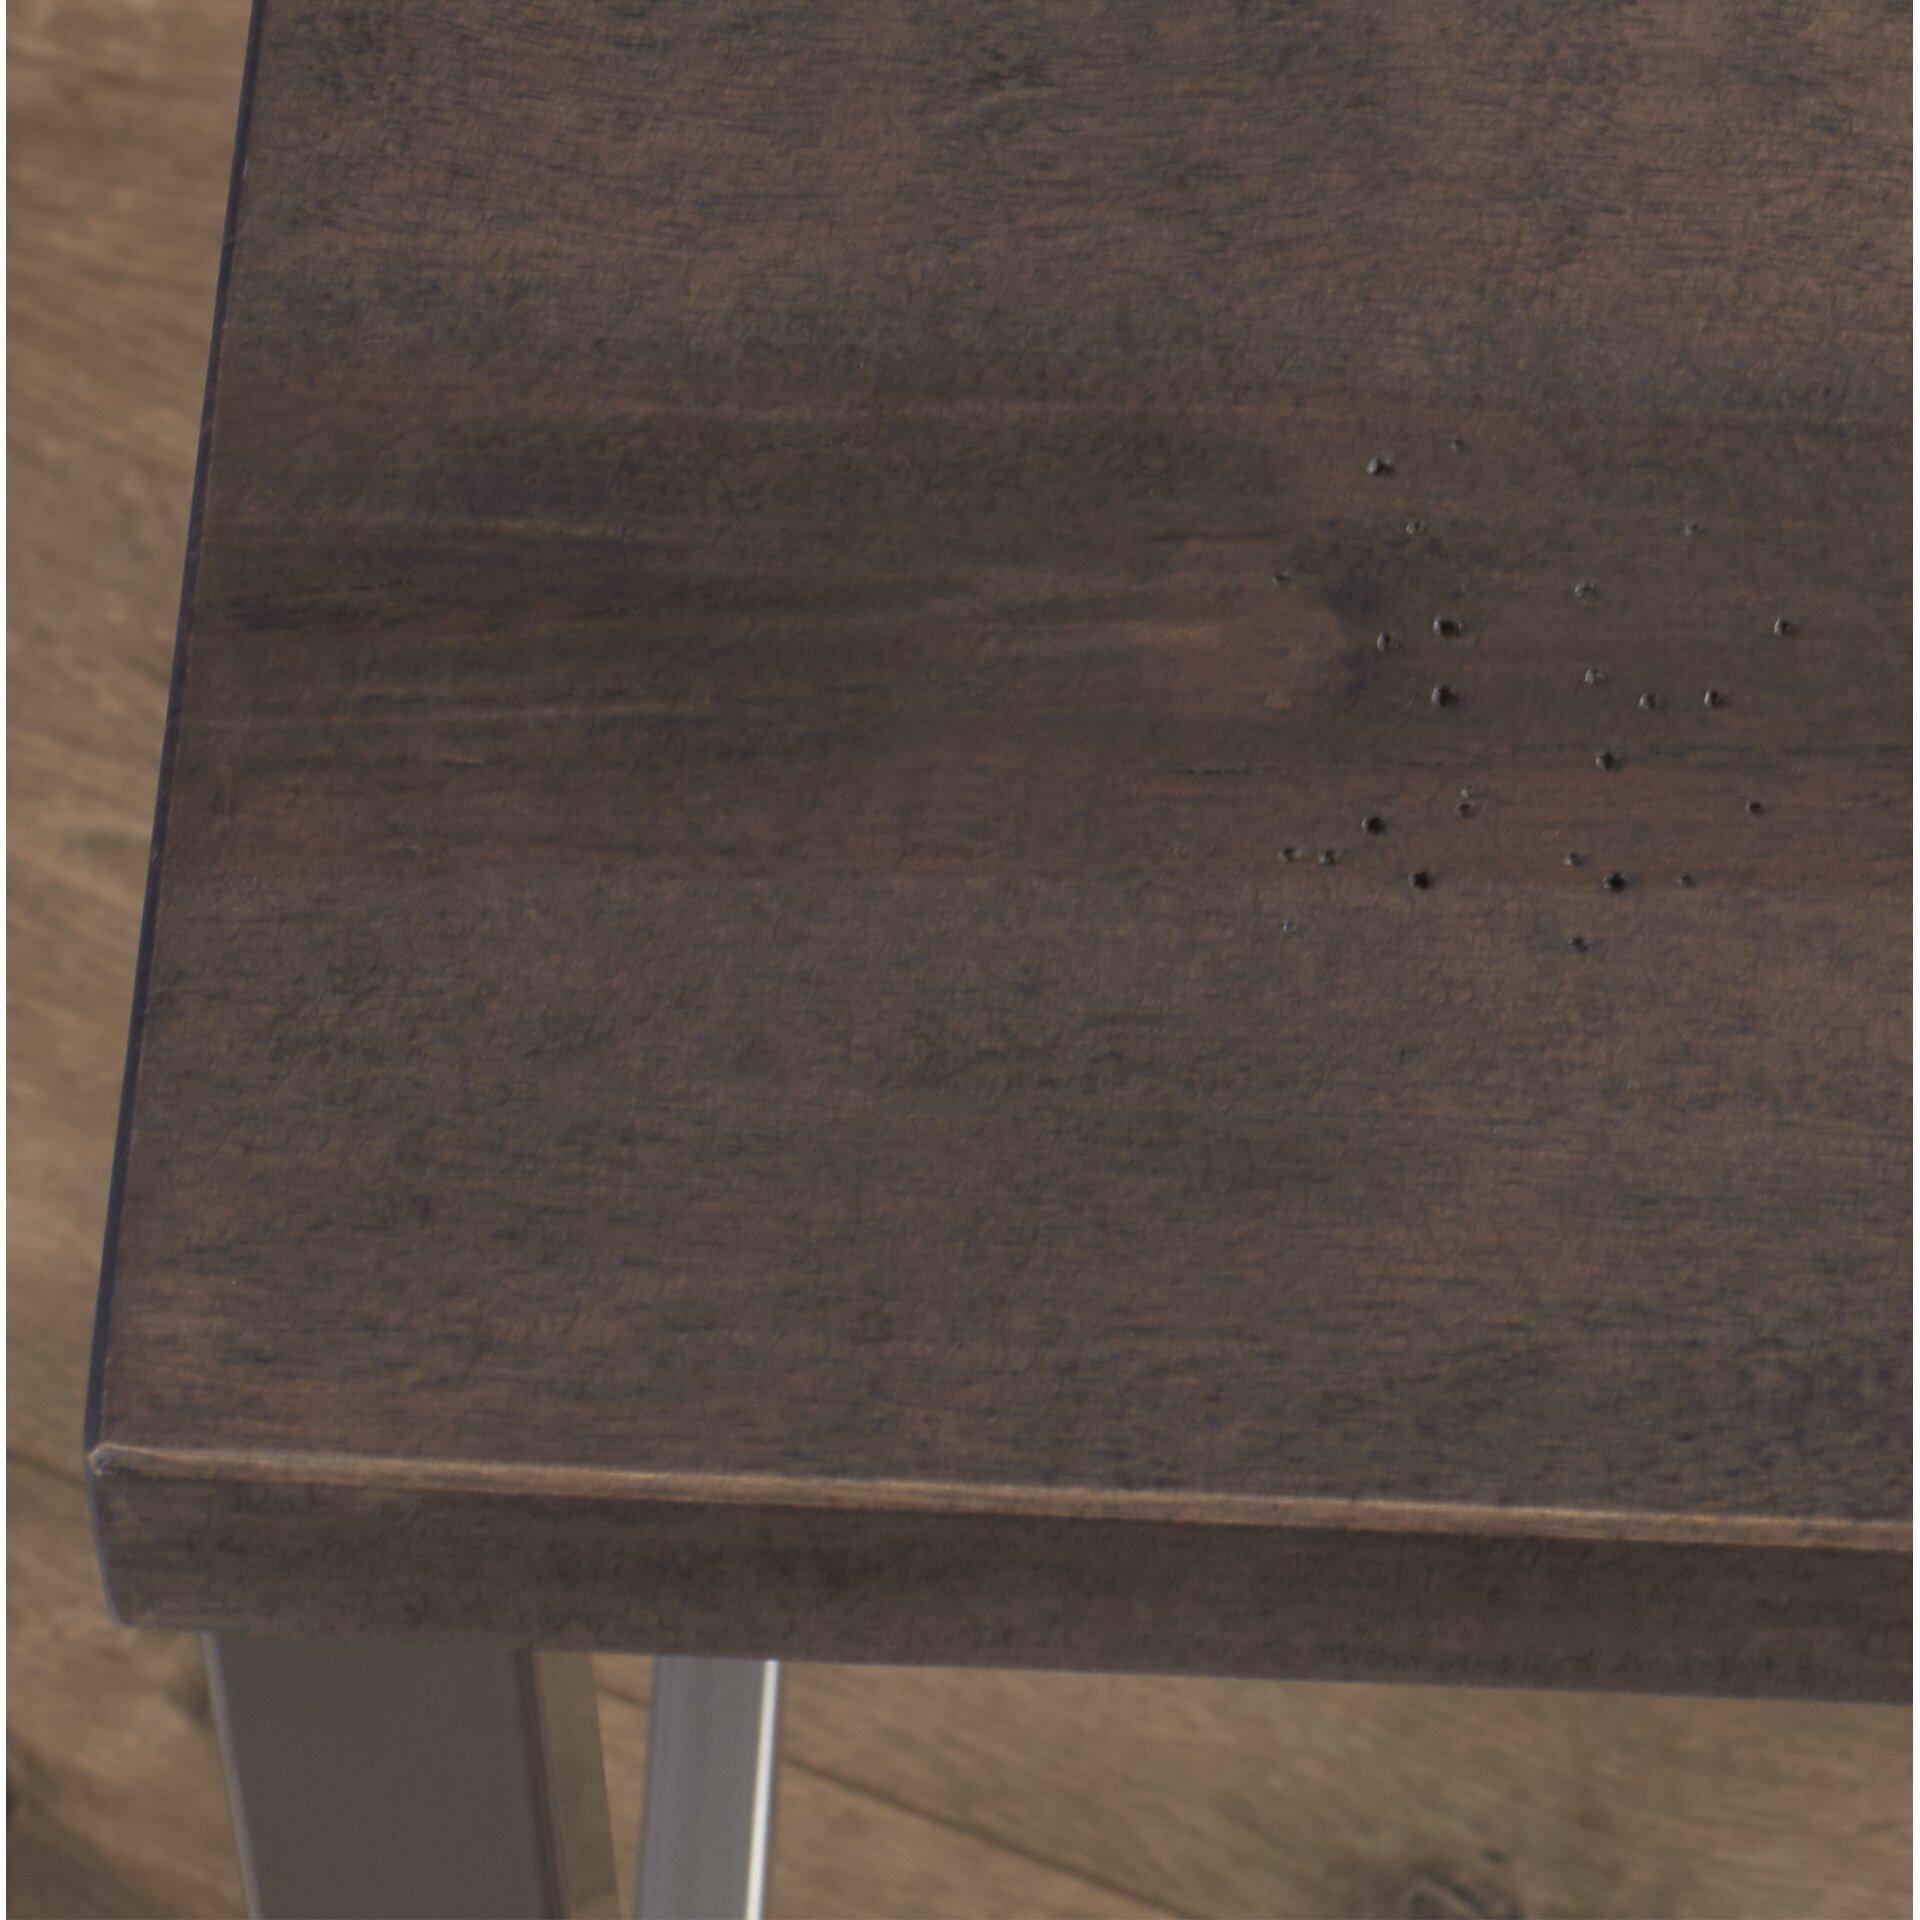 Mercury Row Athanas 24quot Bar Stool amp Reviews Wayfair : Mercury Row25C225AE Athanas 24 Bar Stool from www.wayfair.com size 1920 x 1920 jpeg 523kB